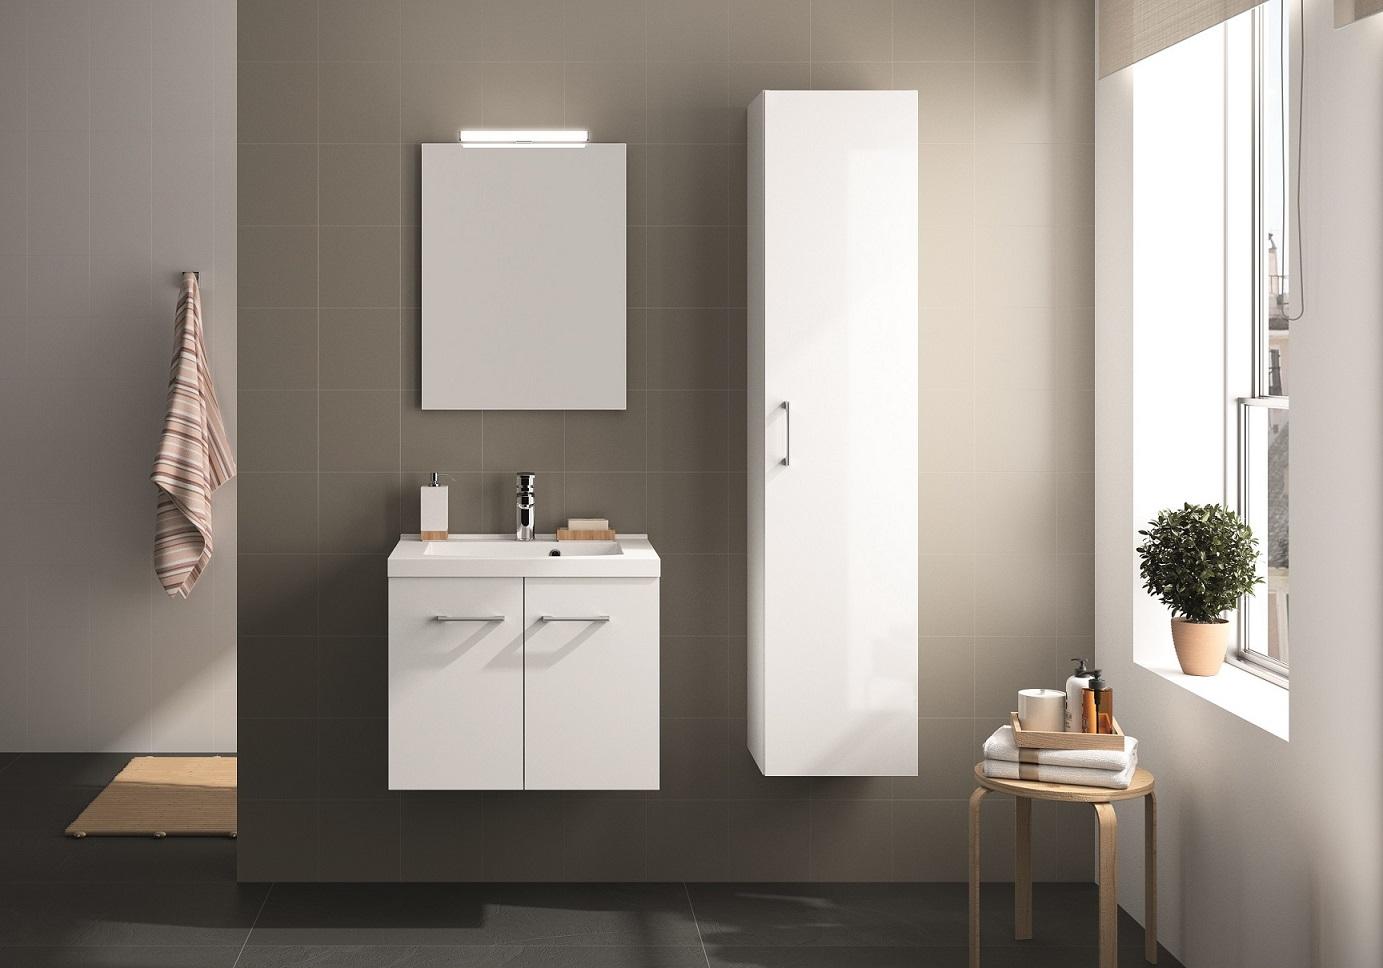 Mobili da bagno set per stanza lavabo bianco lucido 95 cm allibert